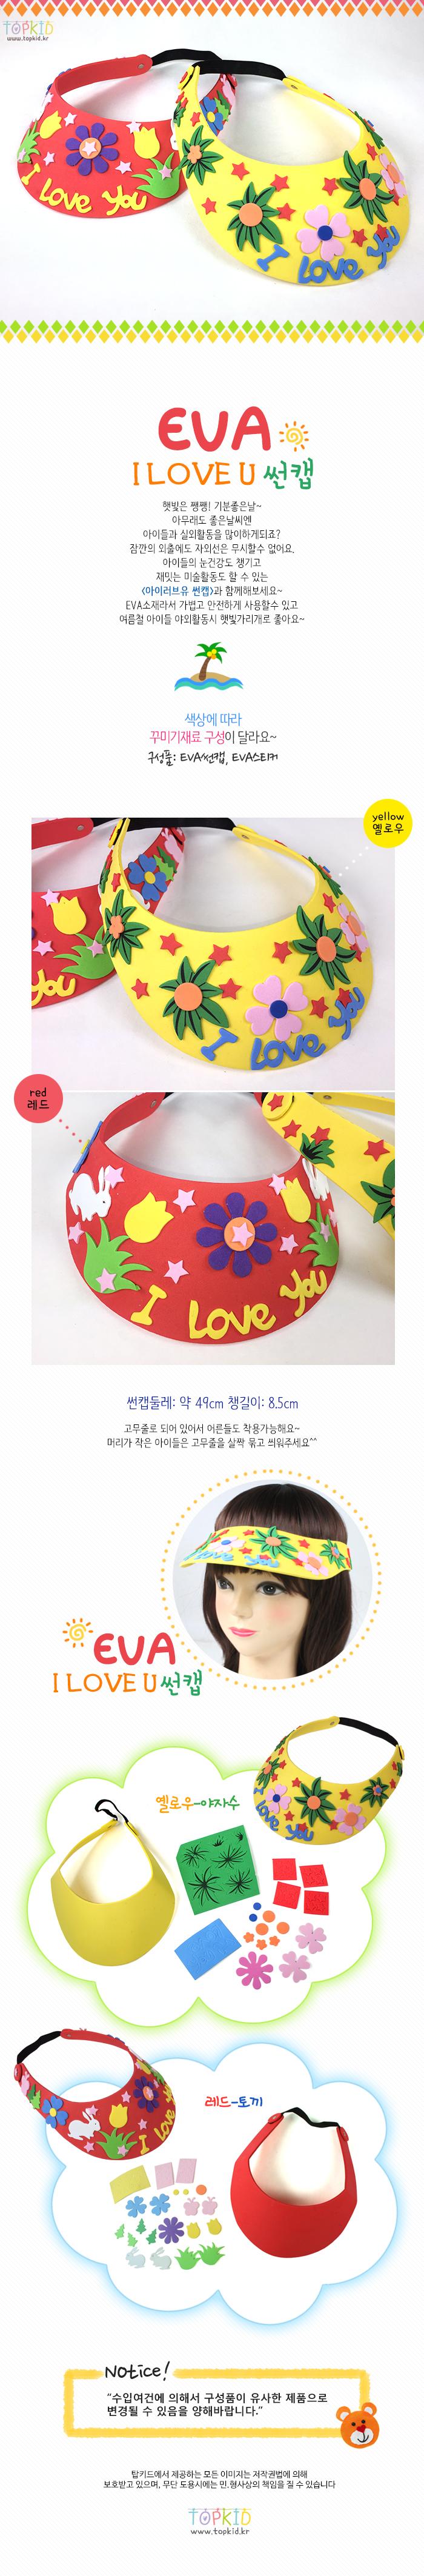 EVA 썬캡만들기 - 탑키드, 1,600원, 종이공예/북아트, 종이공예 패키지